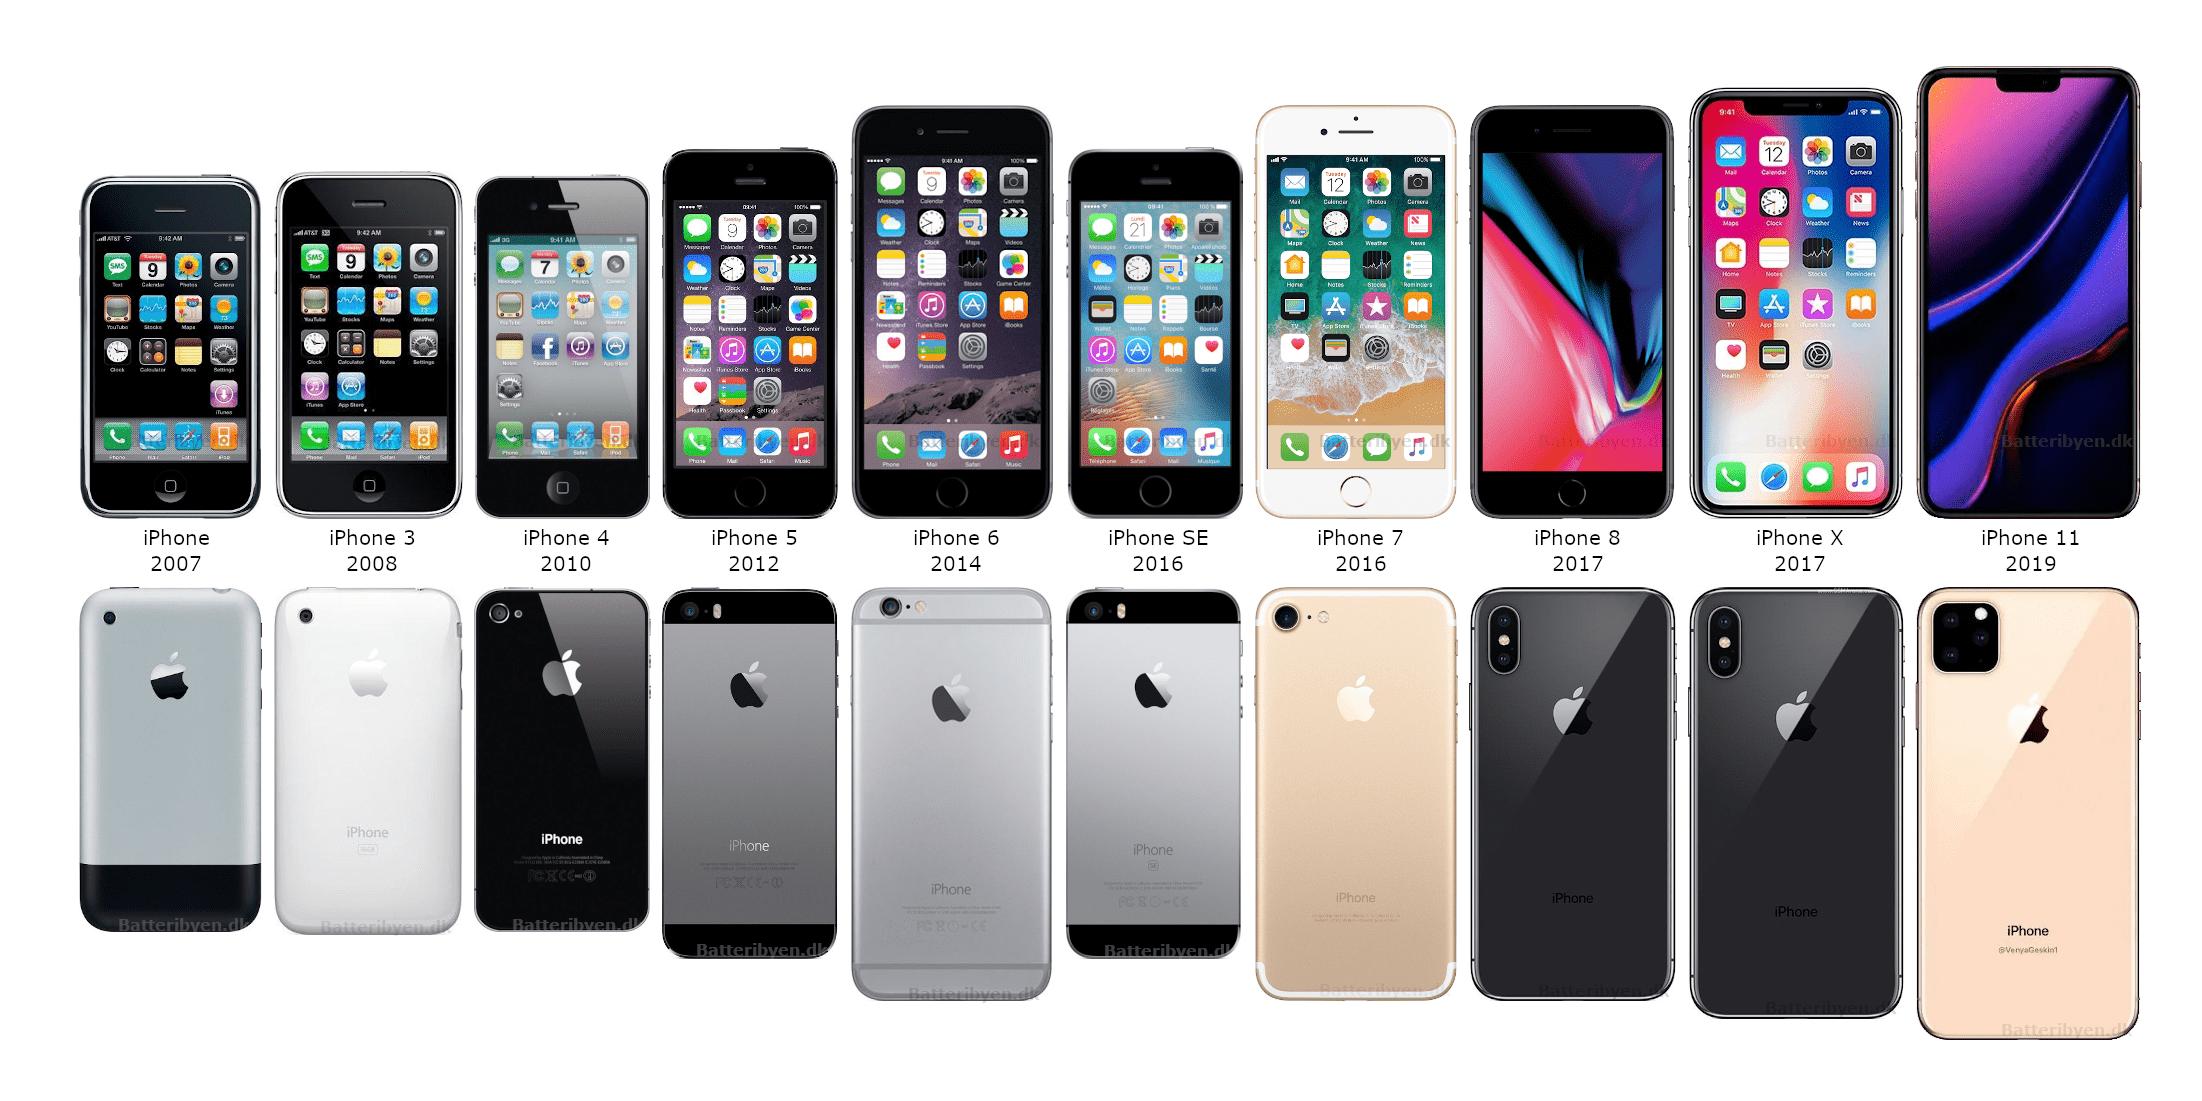 iPhone overordnede modeller i kronoligsk rækkefølge